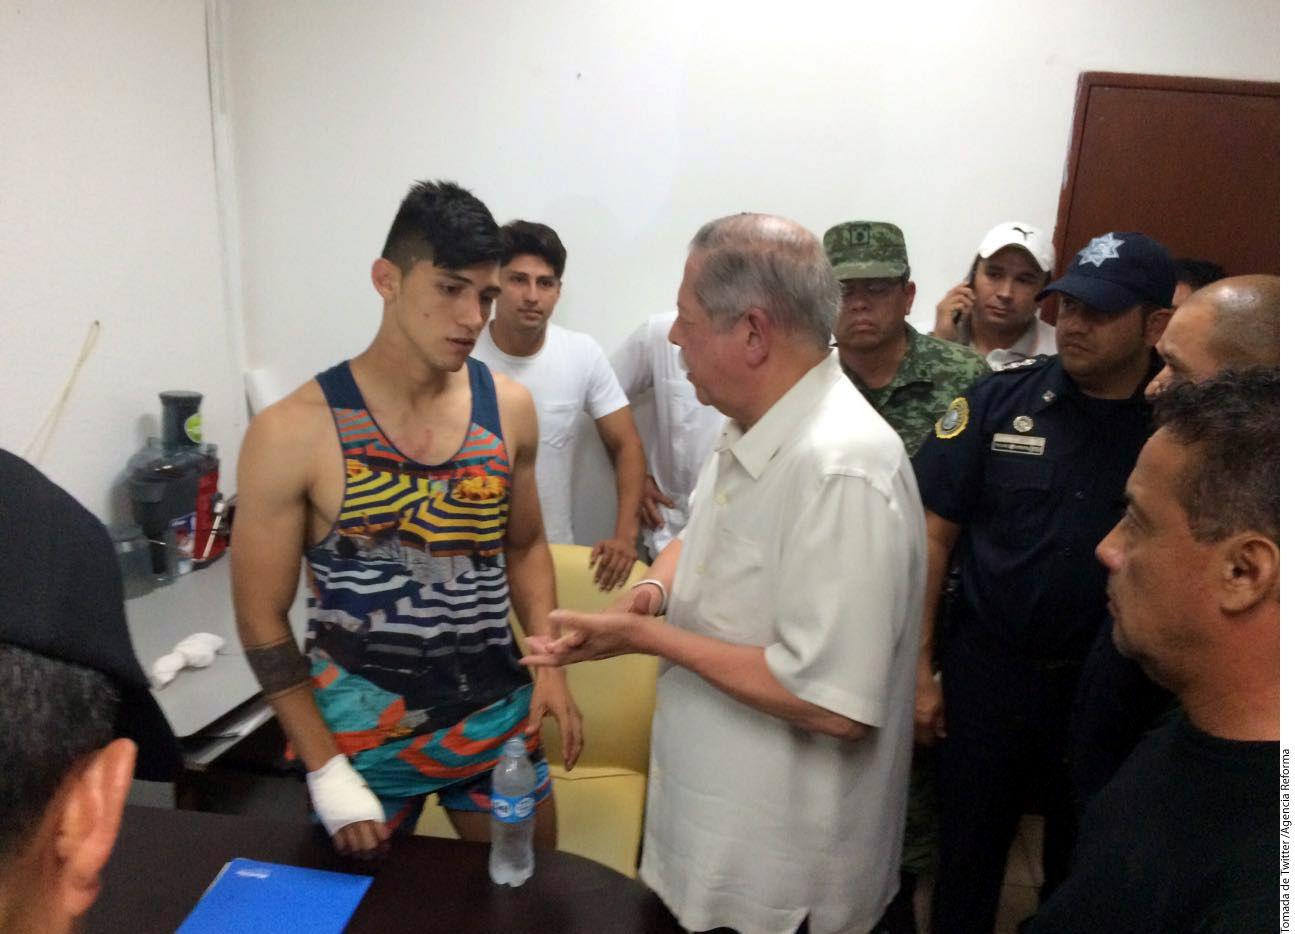 Luego de permanecer sucuestrado por más de 24 horas, al filo de la medianoche, el Gobierno de Tamaulipas informó, que en un fuerte operativo de búsqueda y en el que habrían abatido a uno de los delincuentes, liberaron al ex jugador de Tigres, Alan Pulido (izq)./AGENCIA REFORMA